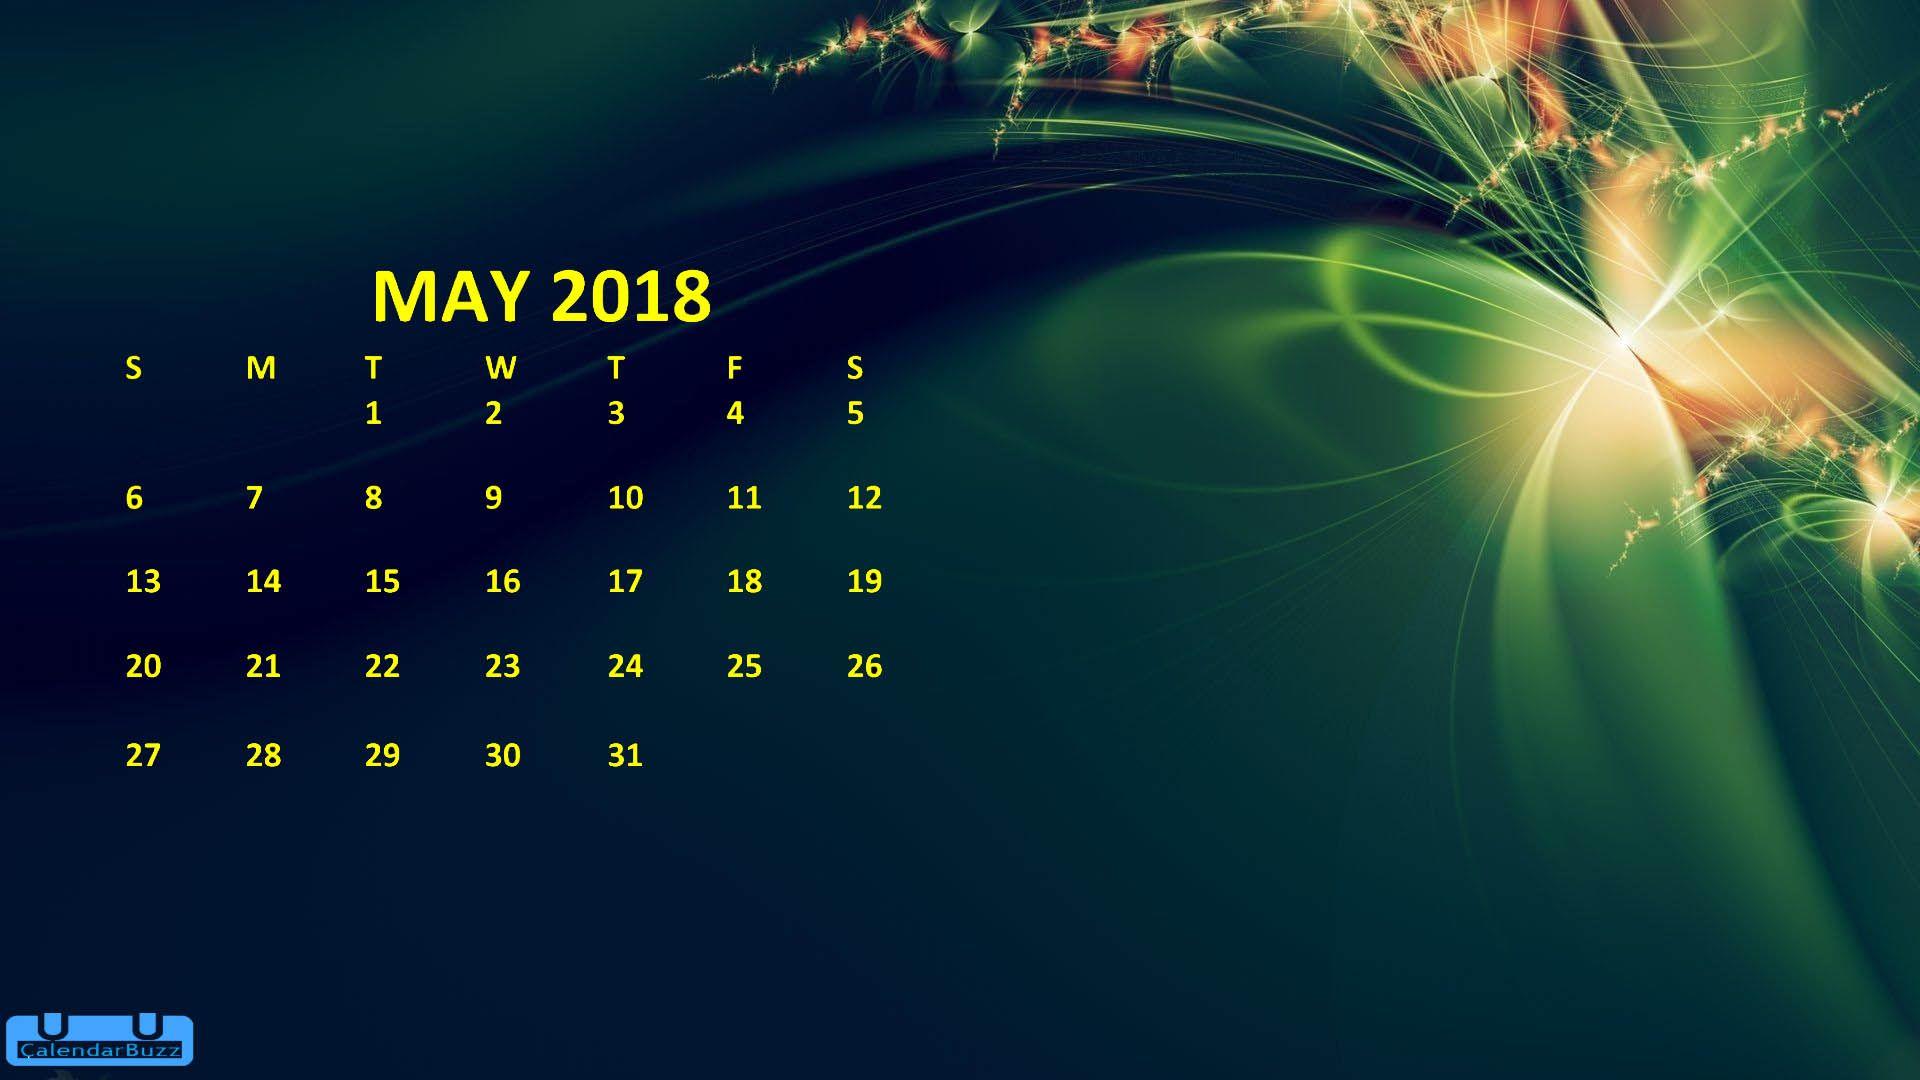 may 2018 calendar hd